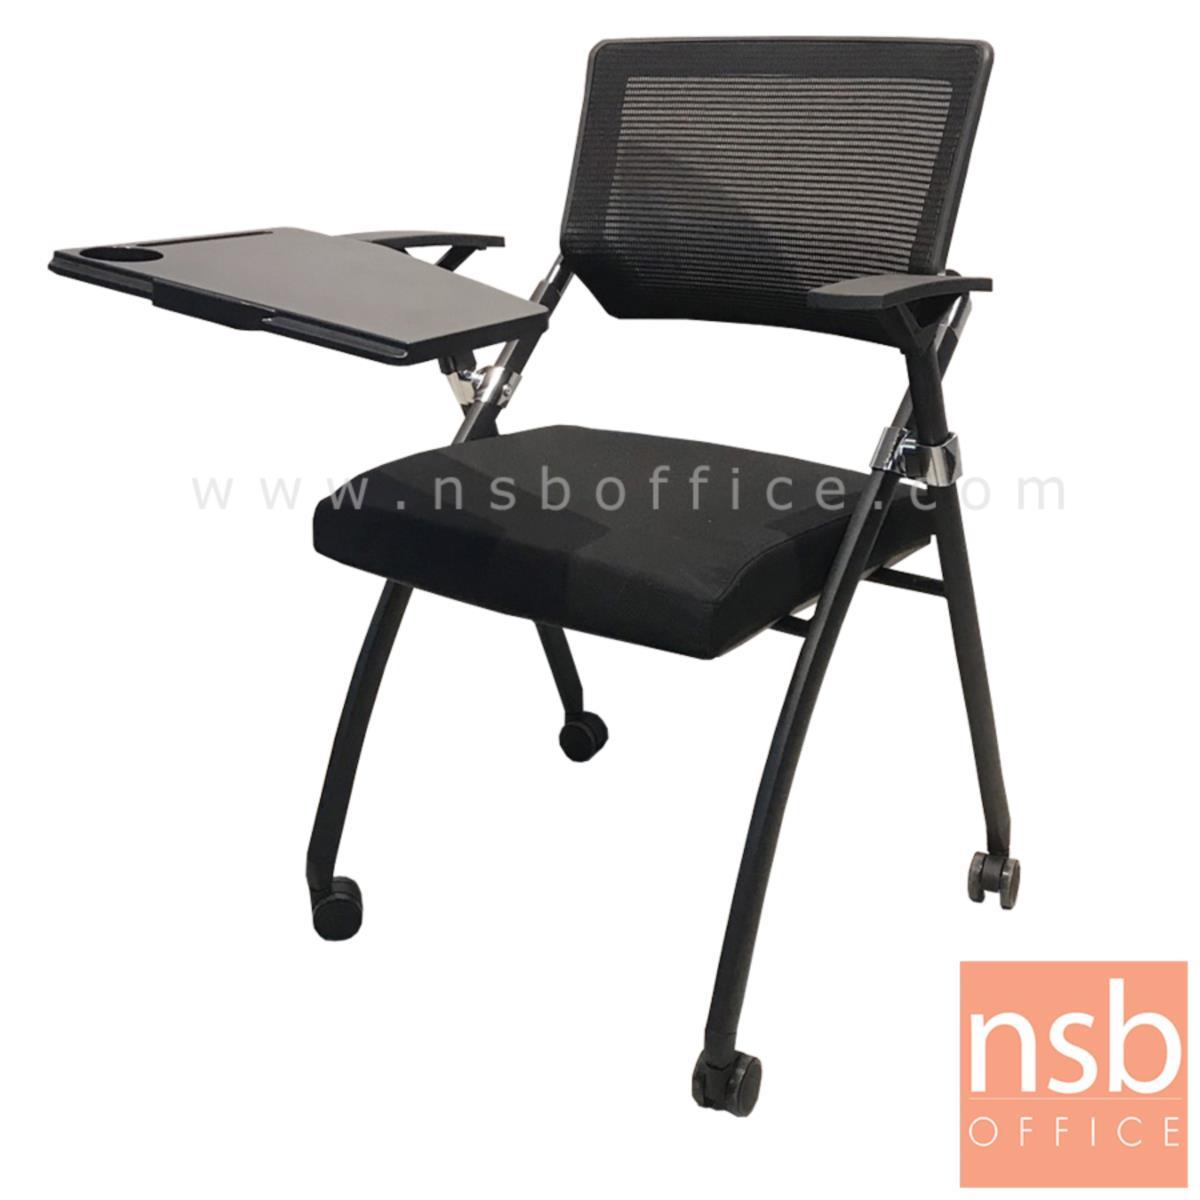 B07A094:เก้าอี้เลคเชอร์หลังเน็ตล้อเลื่อน รุ่น Minogue (มิโนก)  ขาเหล็กพ่นสีดำ